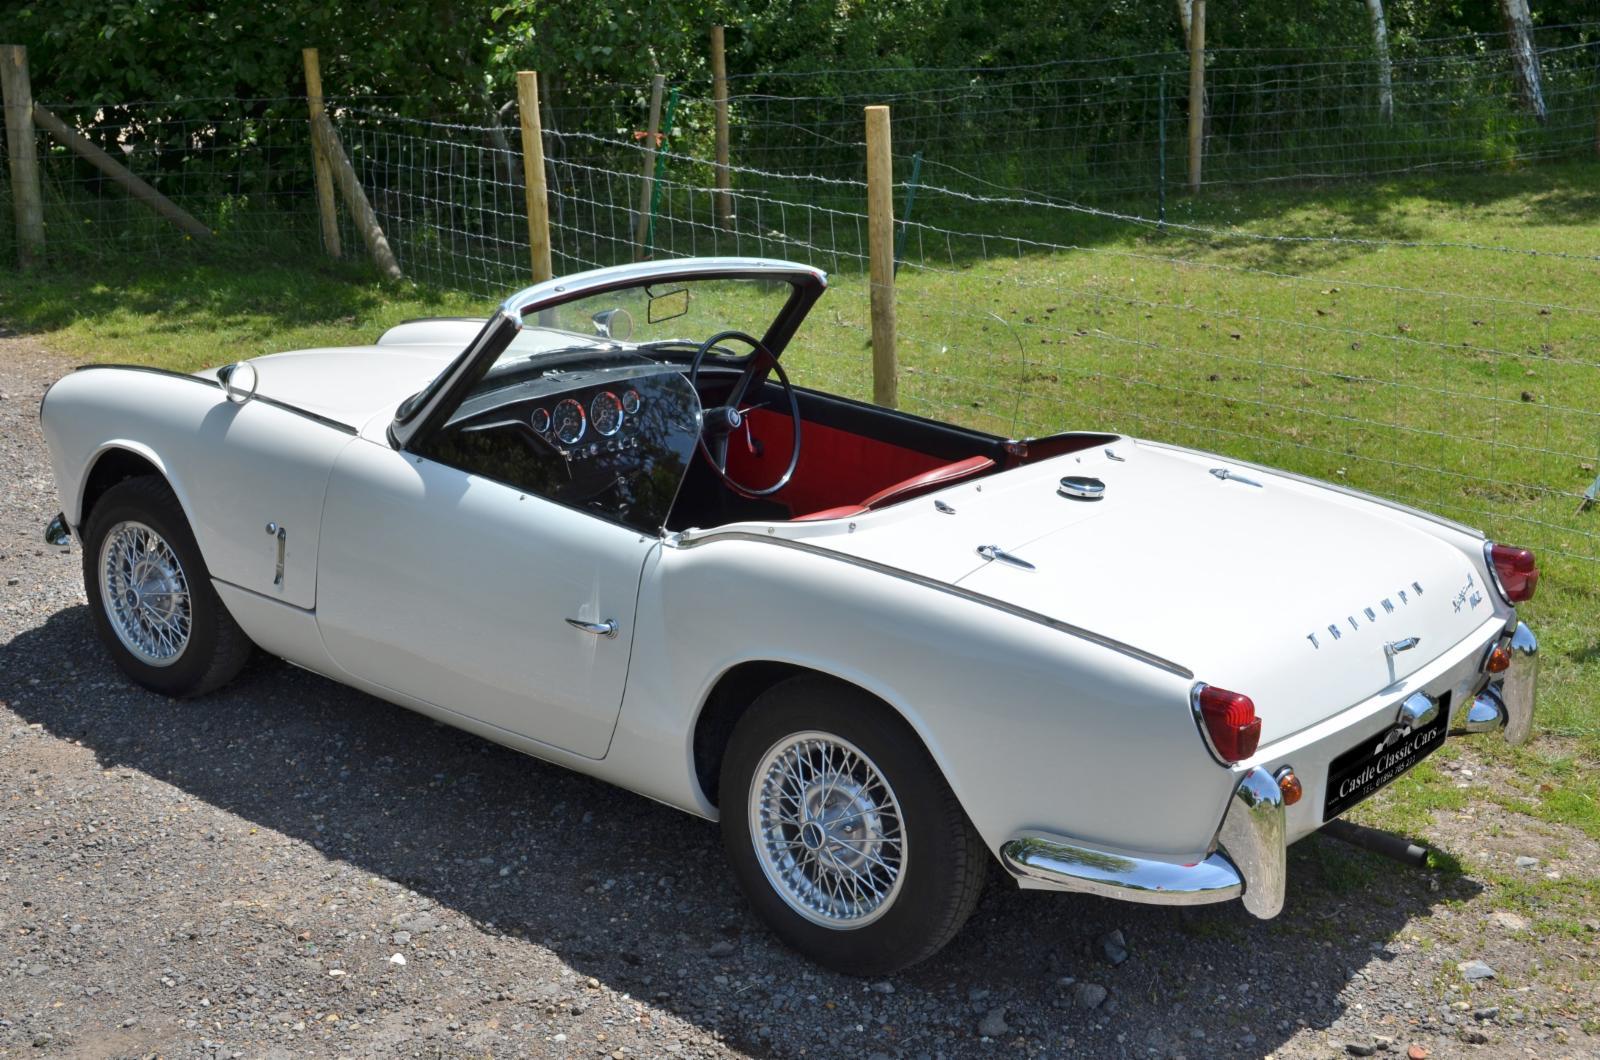 1966 Triumph Spitfire Mk 2 For Sale Castle Classic Cars